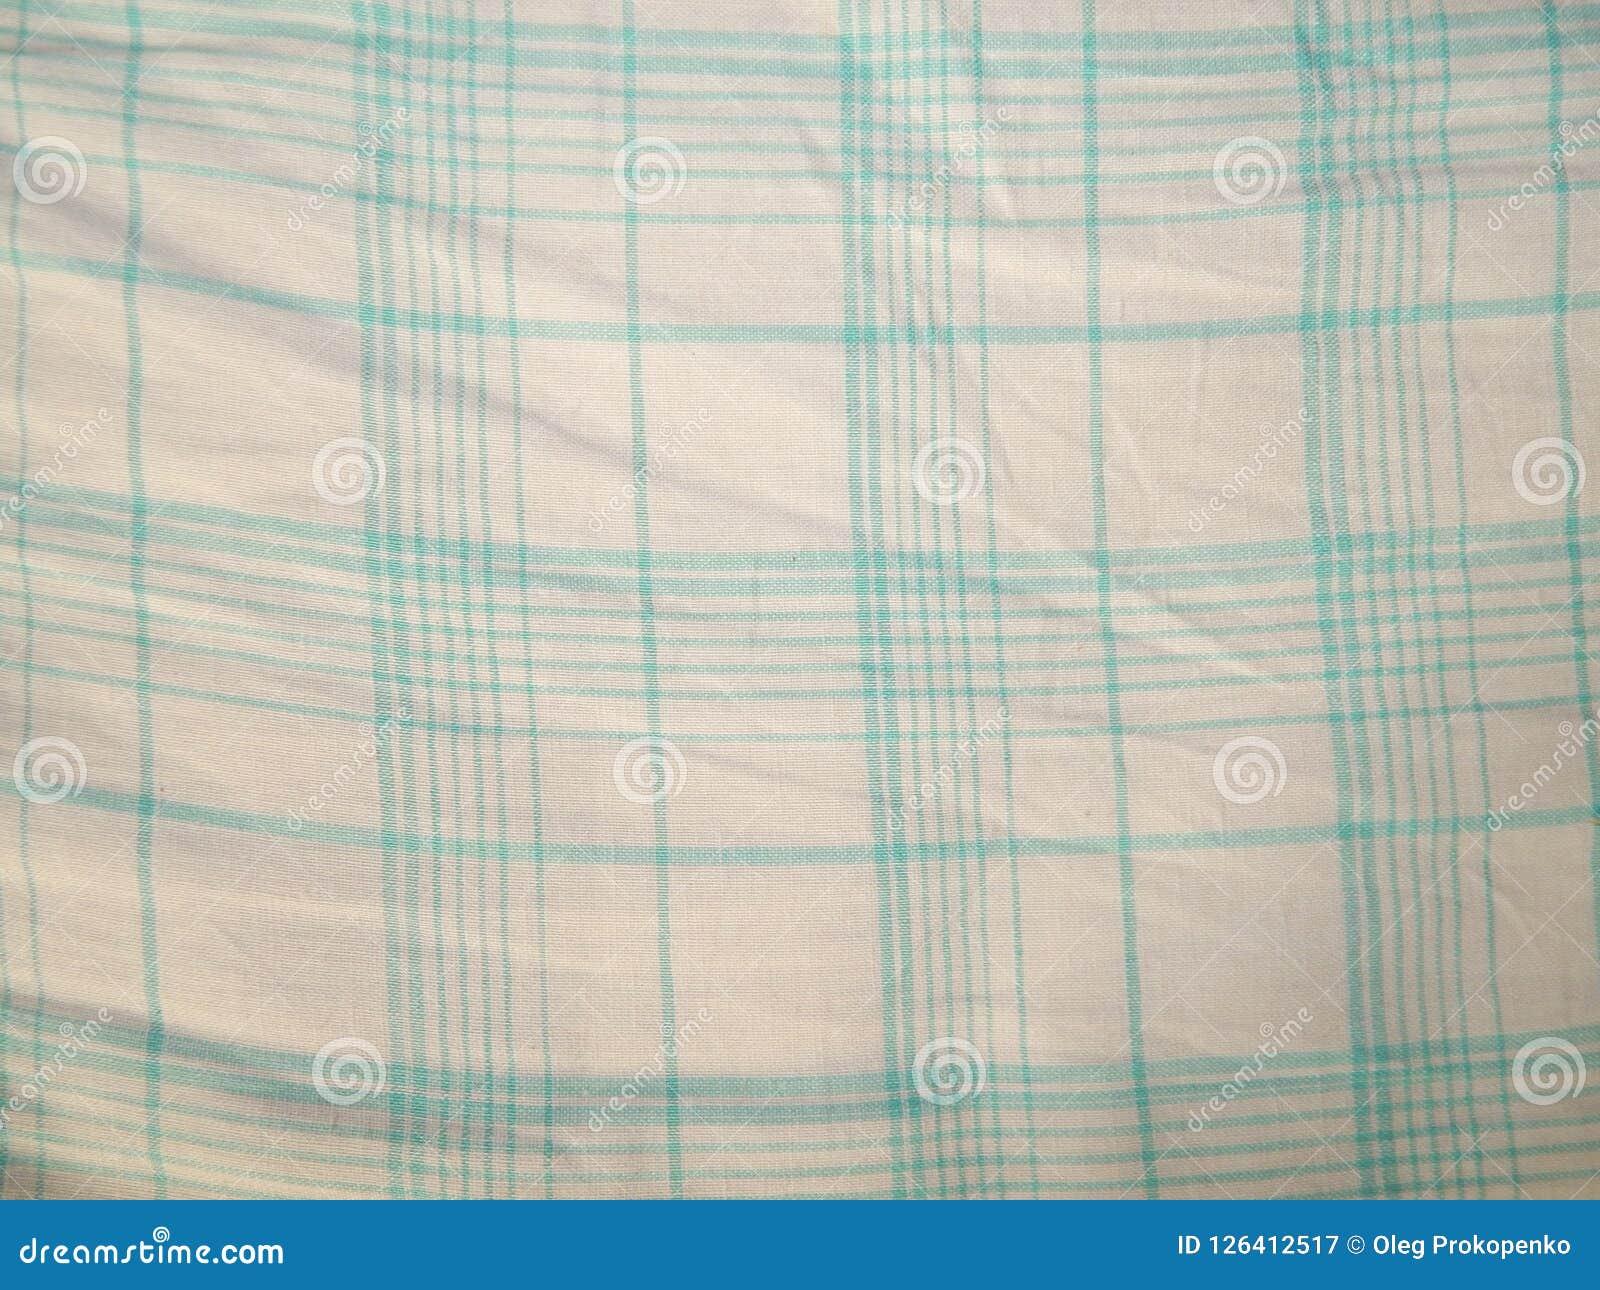 Textuur van textielstoffen, kleding